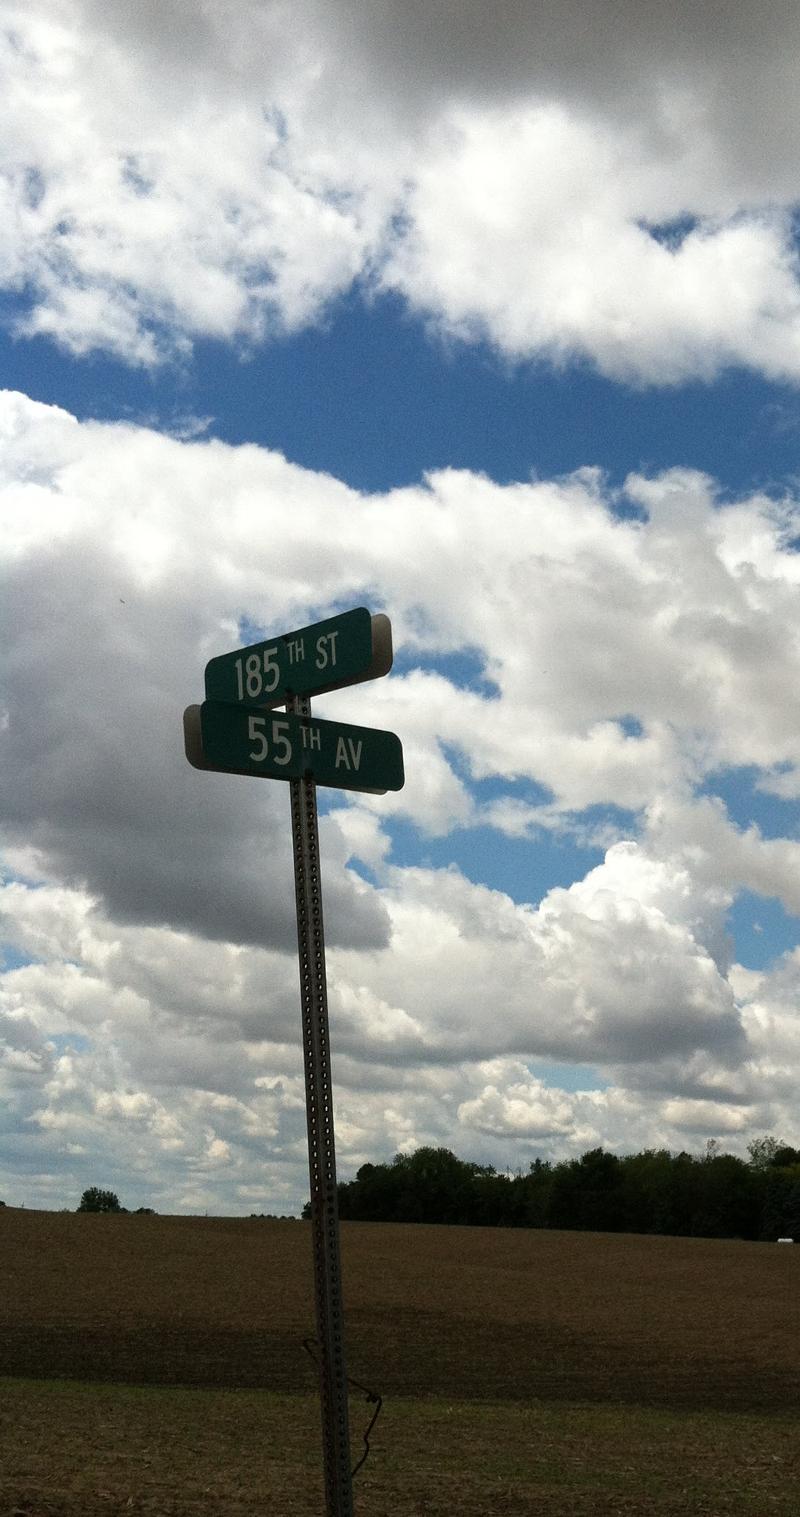 I855 55th Avenue